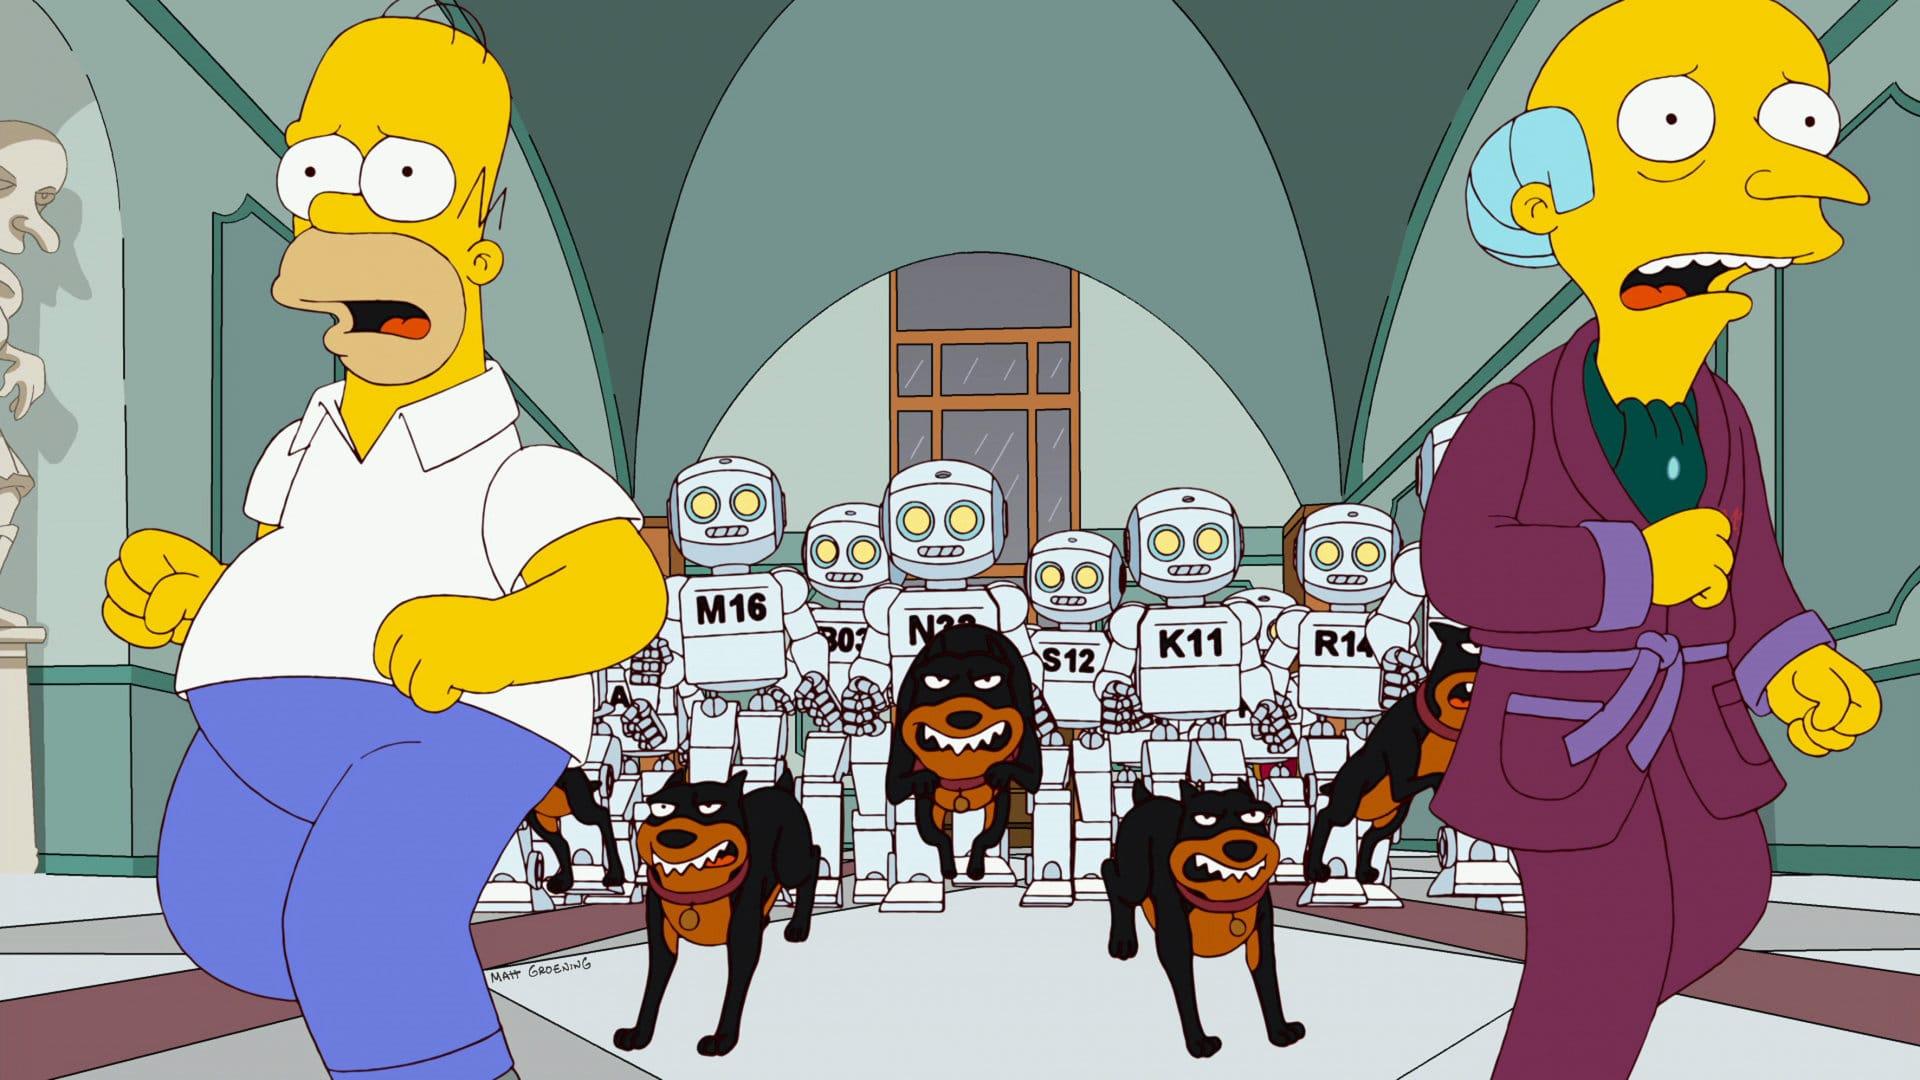 Les Simpson - Aïe robot !